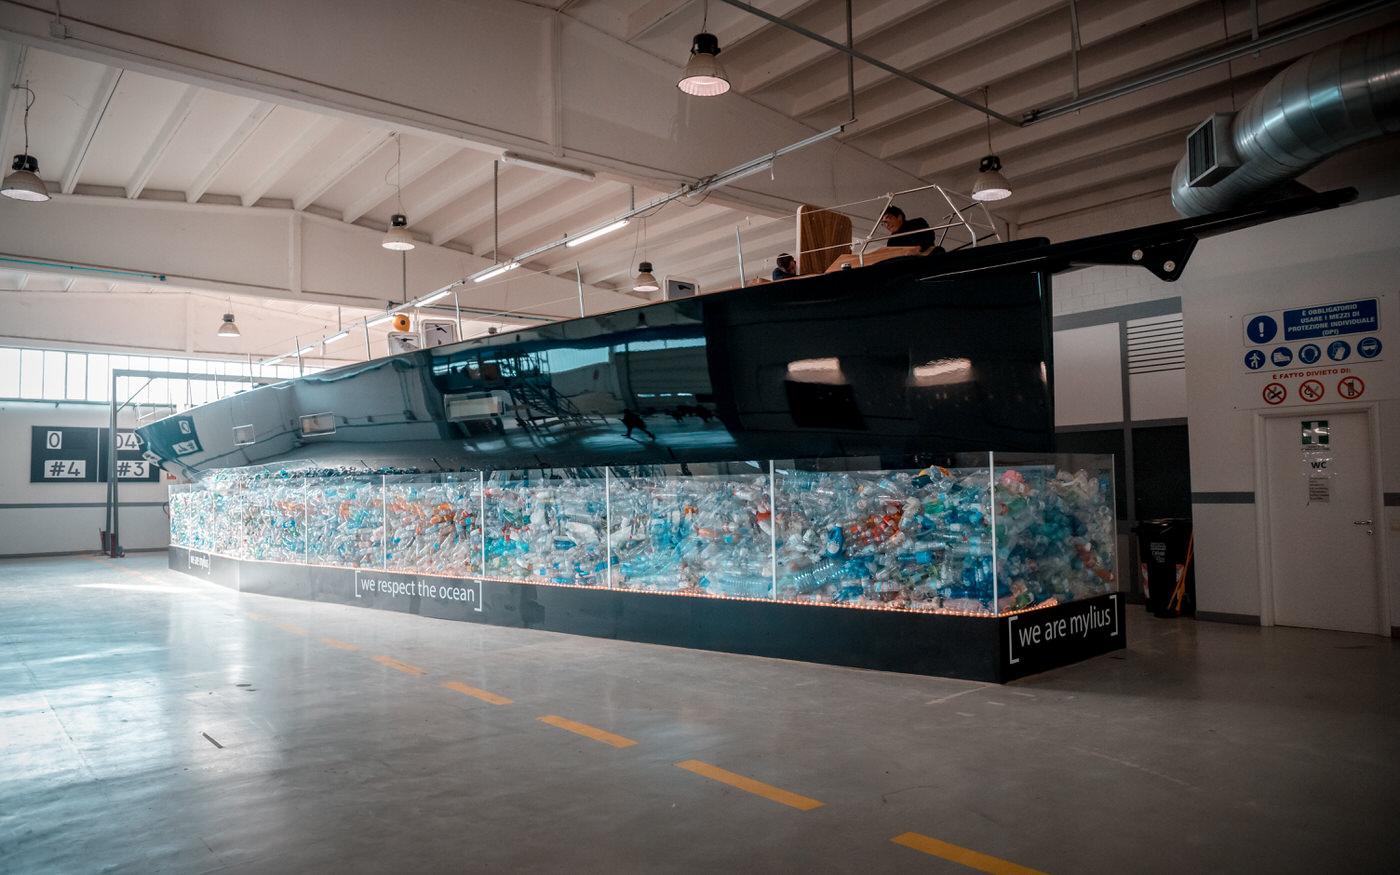 installazione we respect the ocean 6